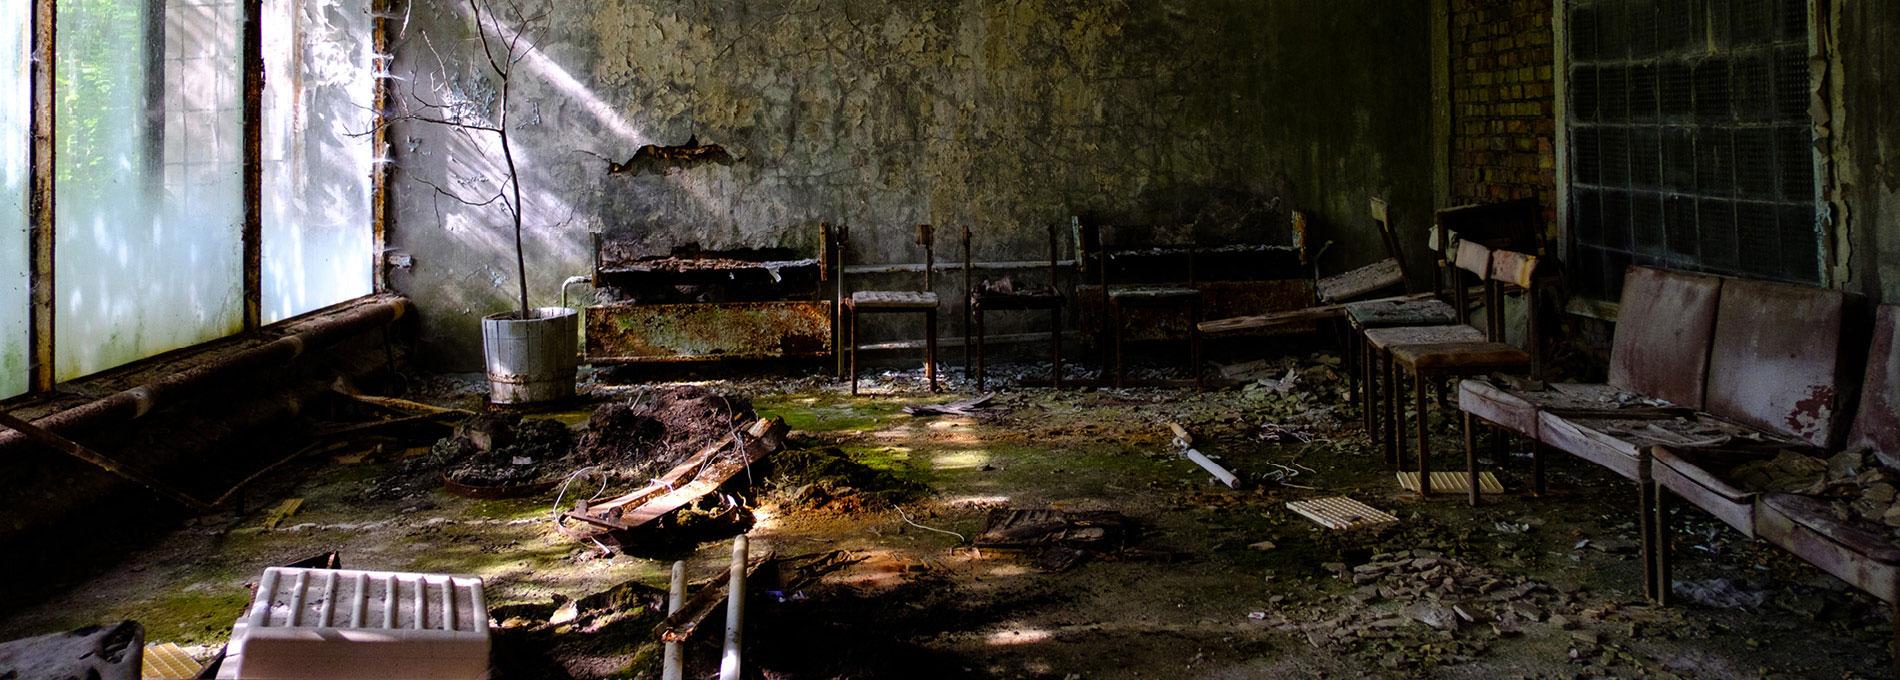 Chernobyl e o turismo de tragédia